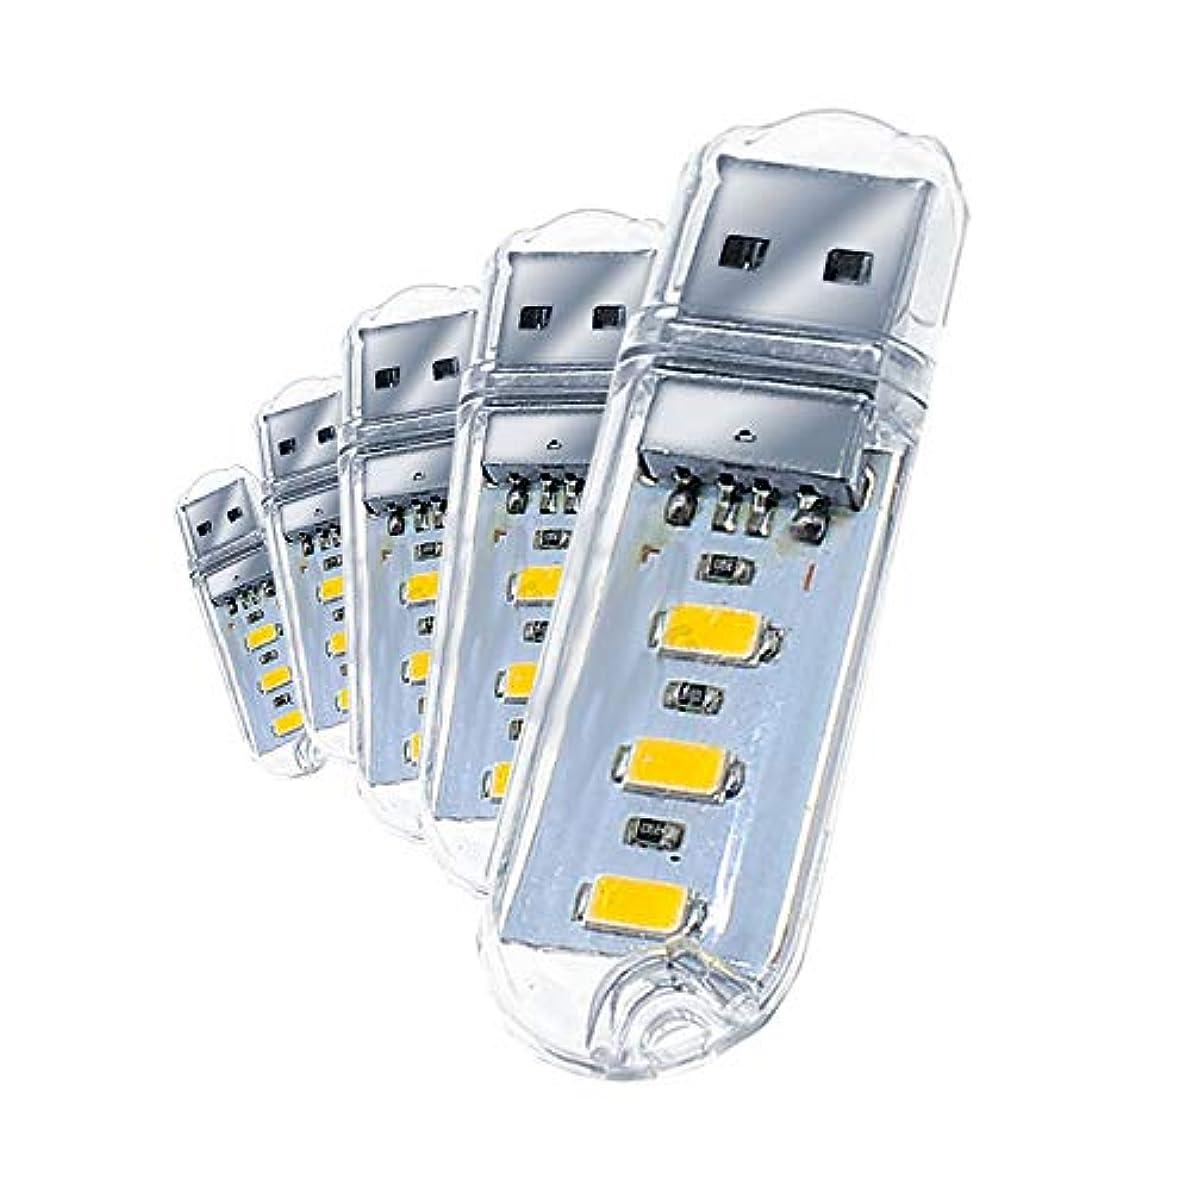 代表して砂結核USB LED スティックライト 電球色タイプ 5個セット パソコン PC USB ACチャージャー MC-5-SASARE-DE